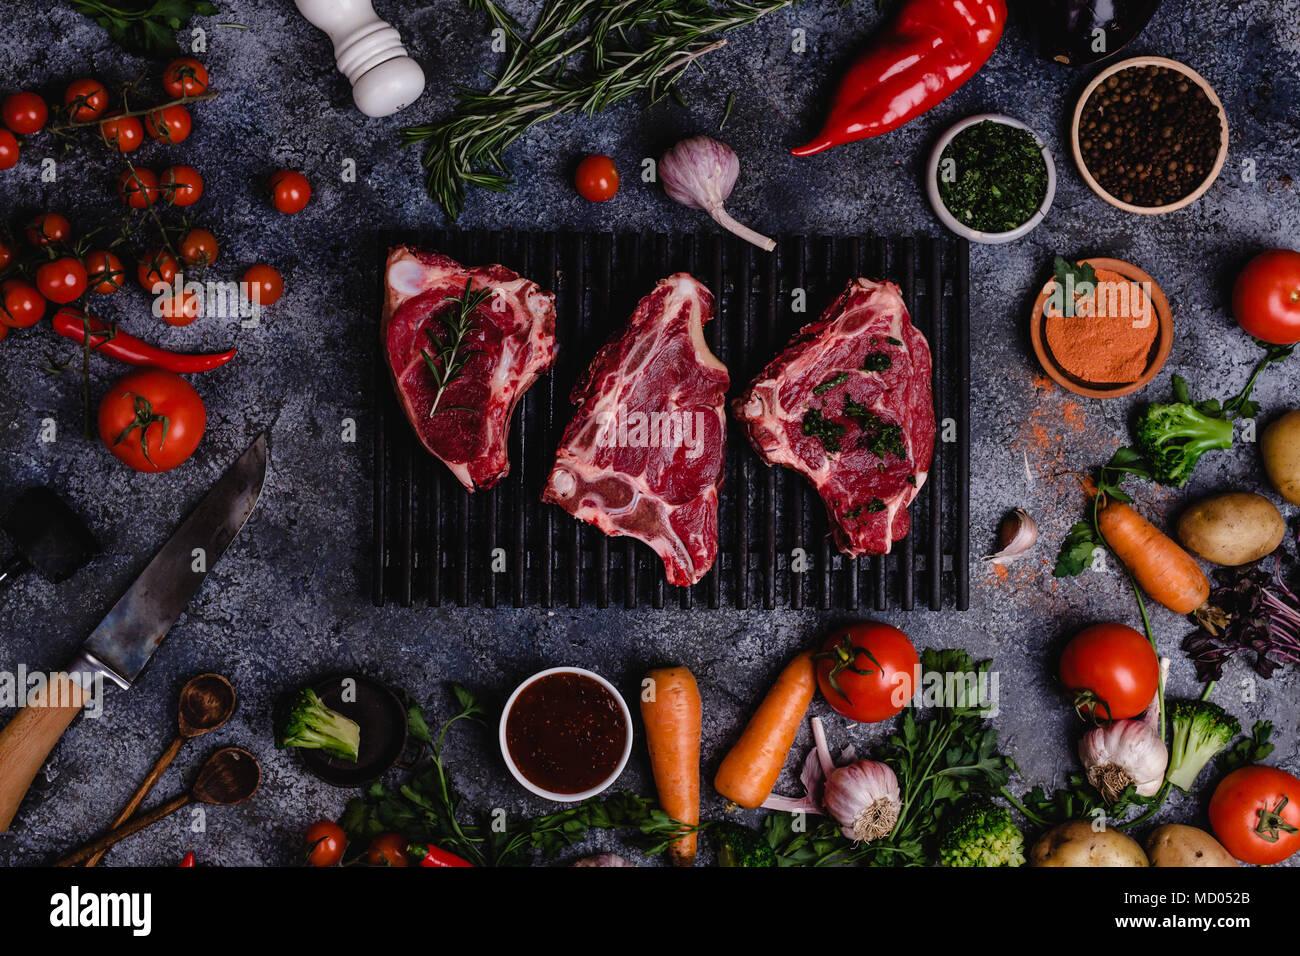 Vue de dessus de la viande et légumes sur tranches de surface en béton noir Photo Stock